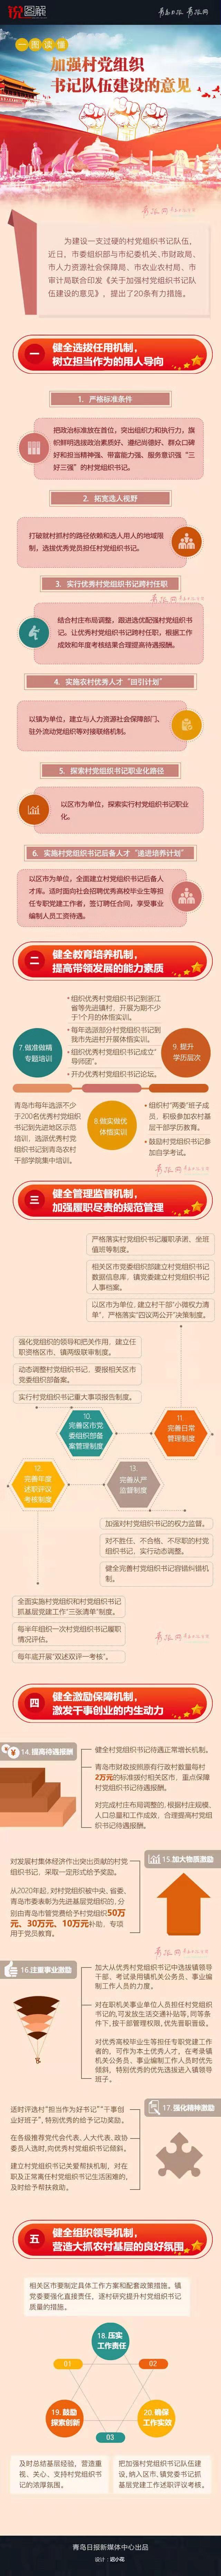 一图读懂〡青岛出台20条意见加强村党组织书记队伍建设